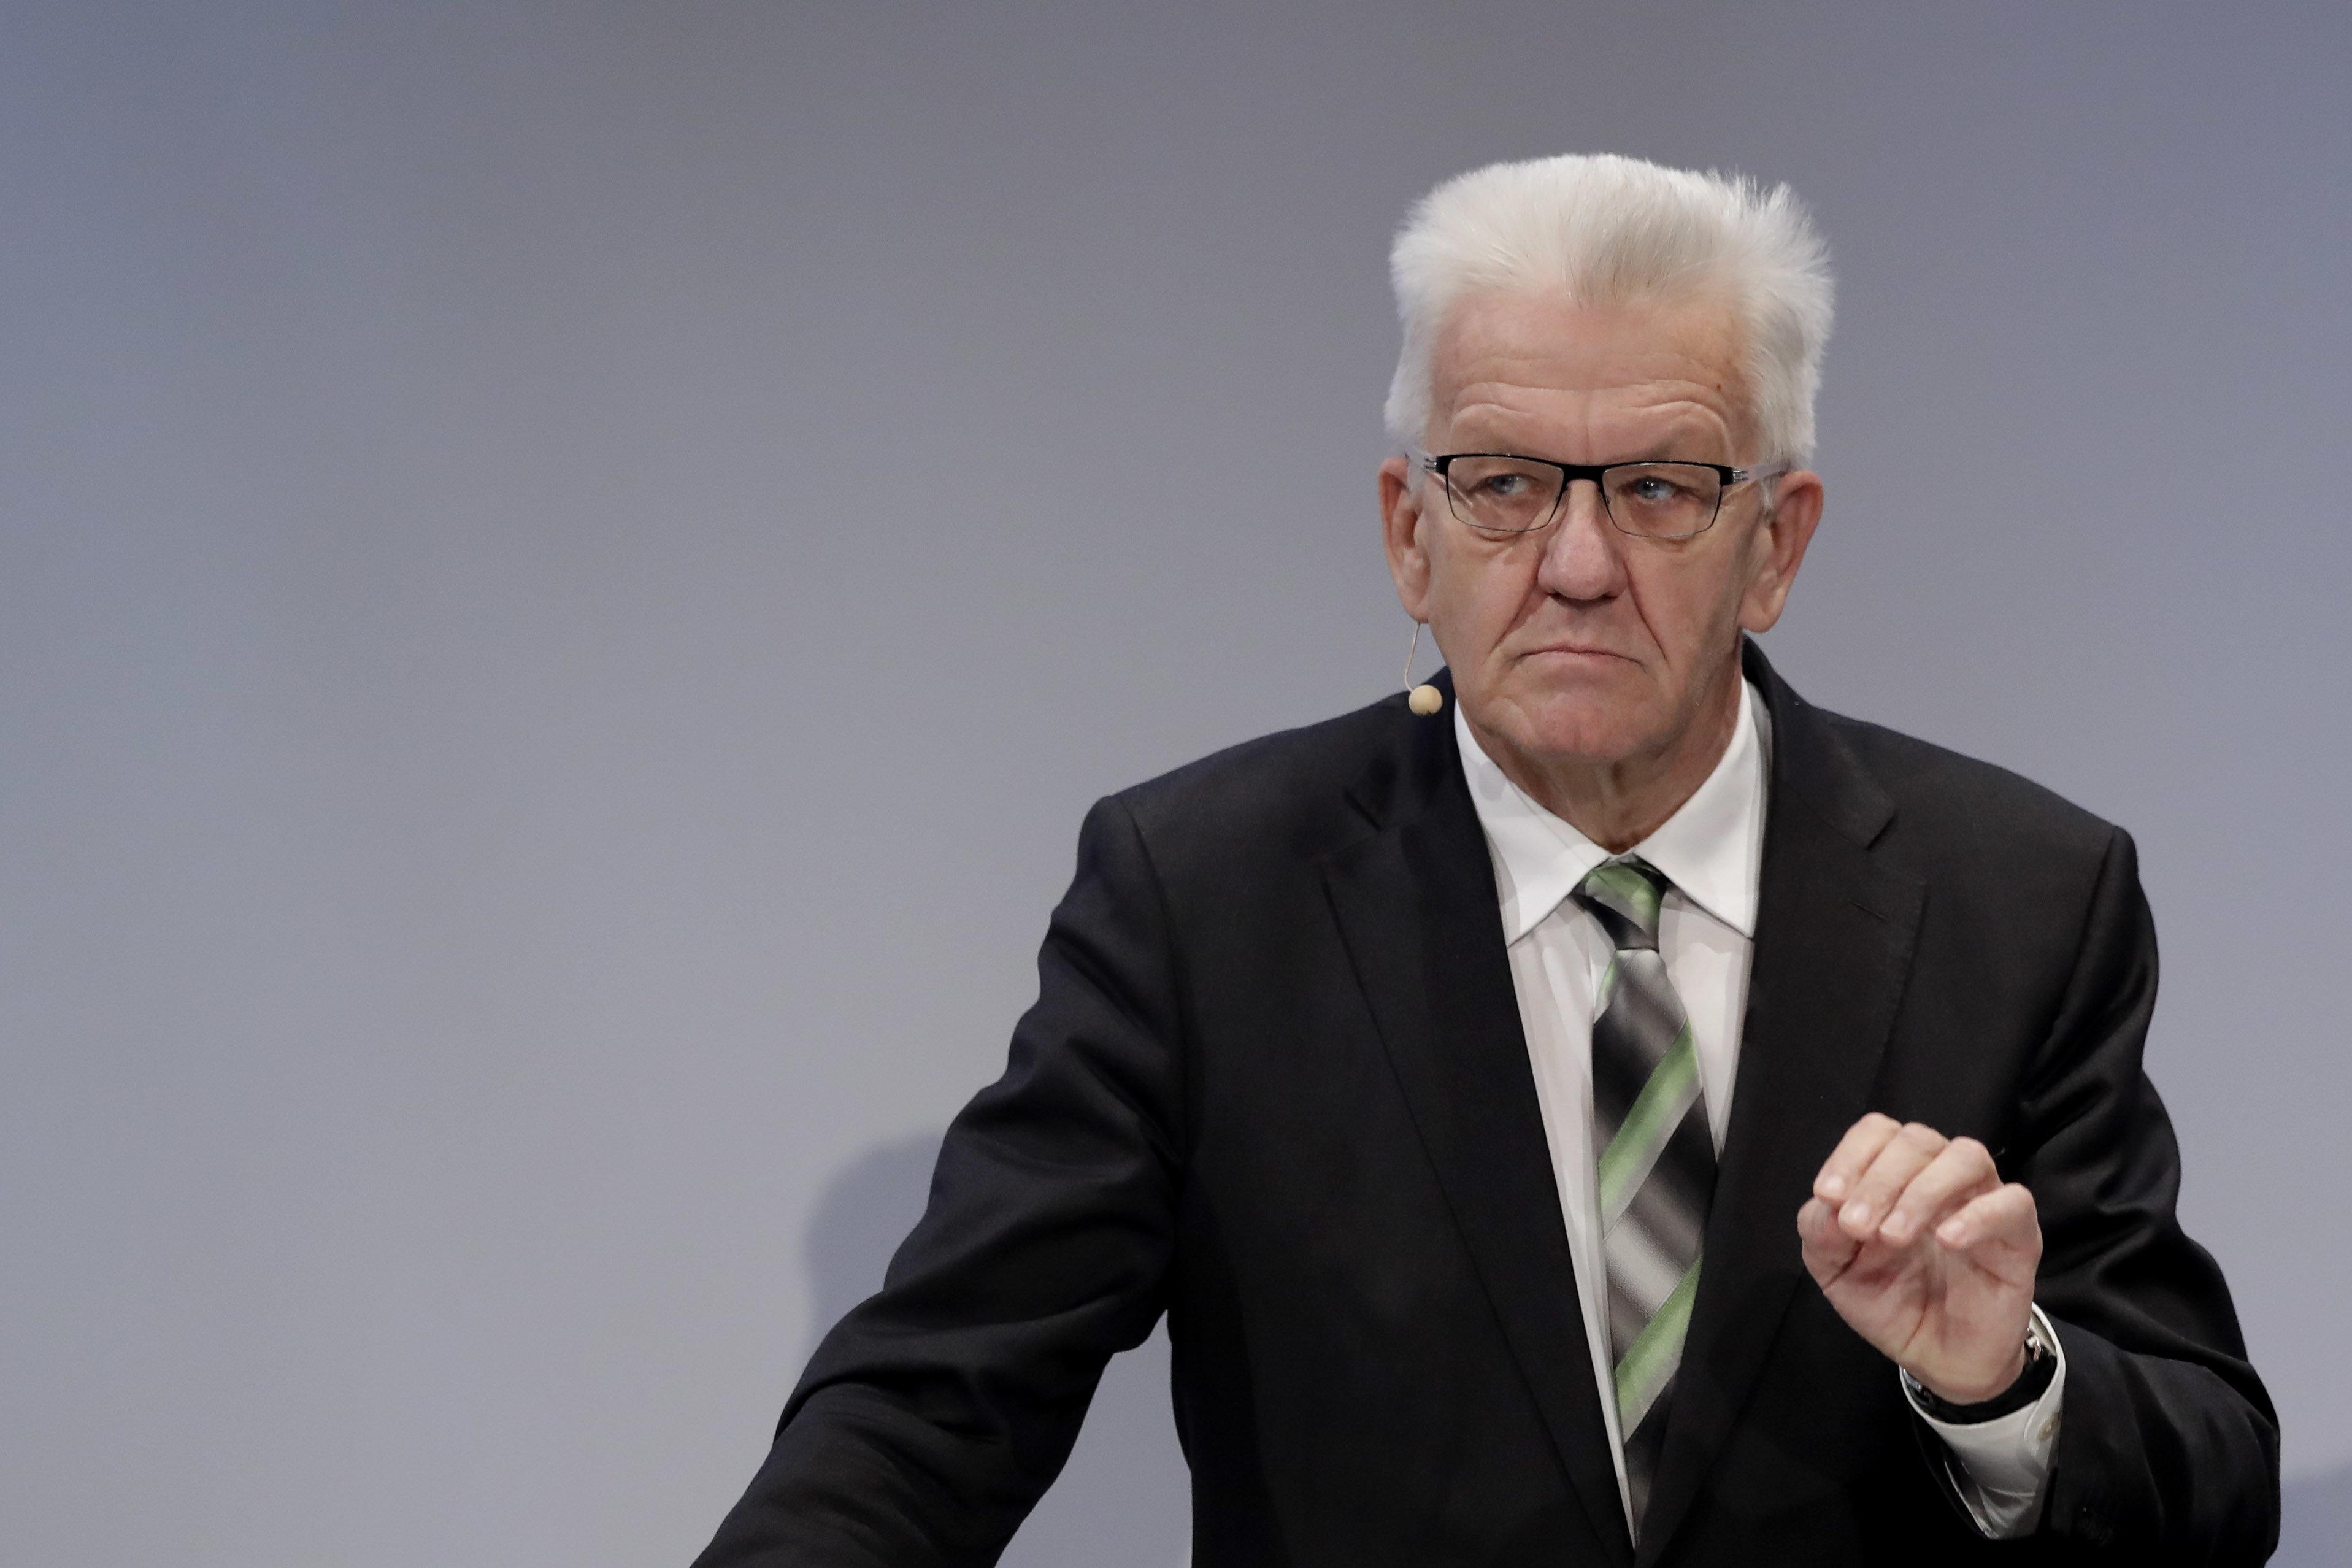 """Wirbel um Flüchtlings-Satz von Grünen-Ministerpräsident: """"Das Gefährlichste sind Männerhorden"""""""